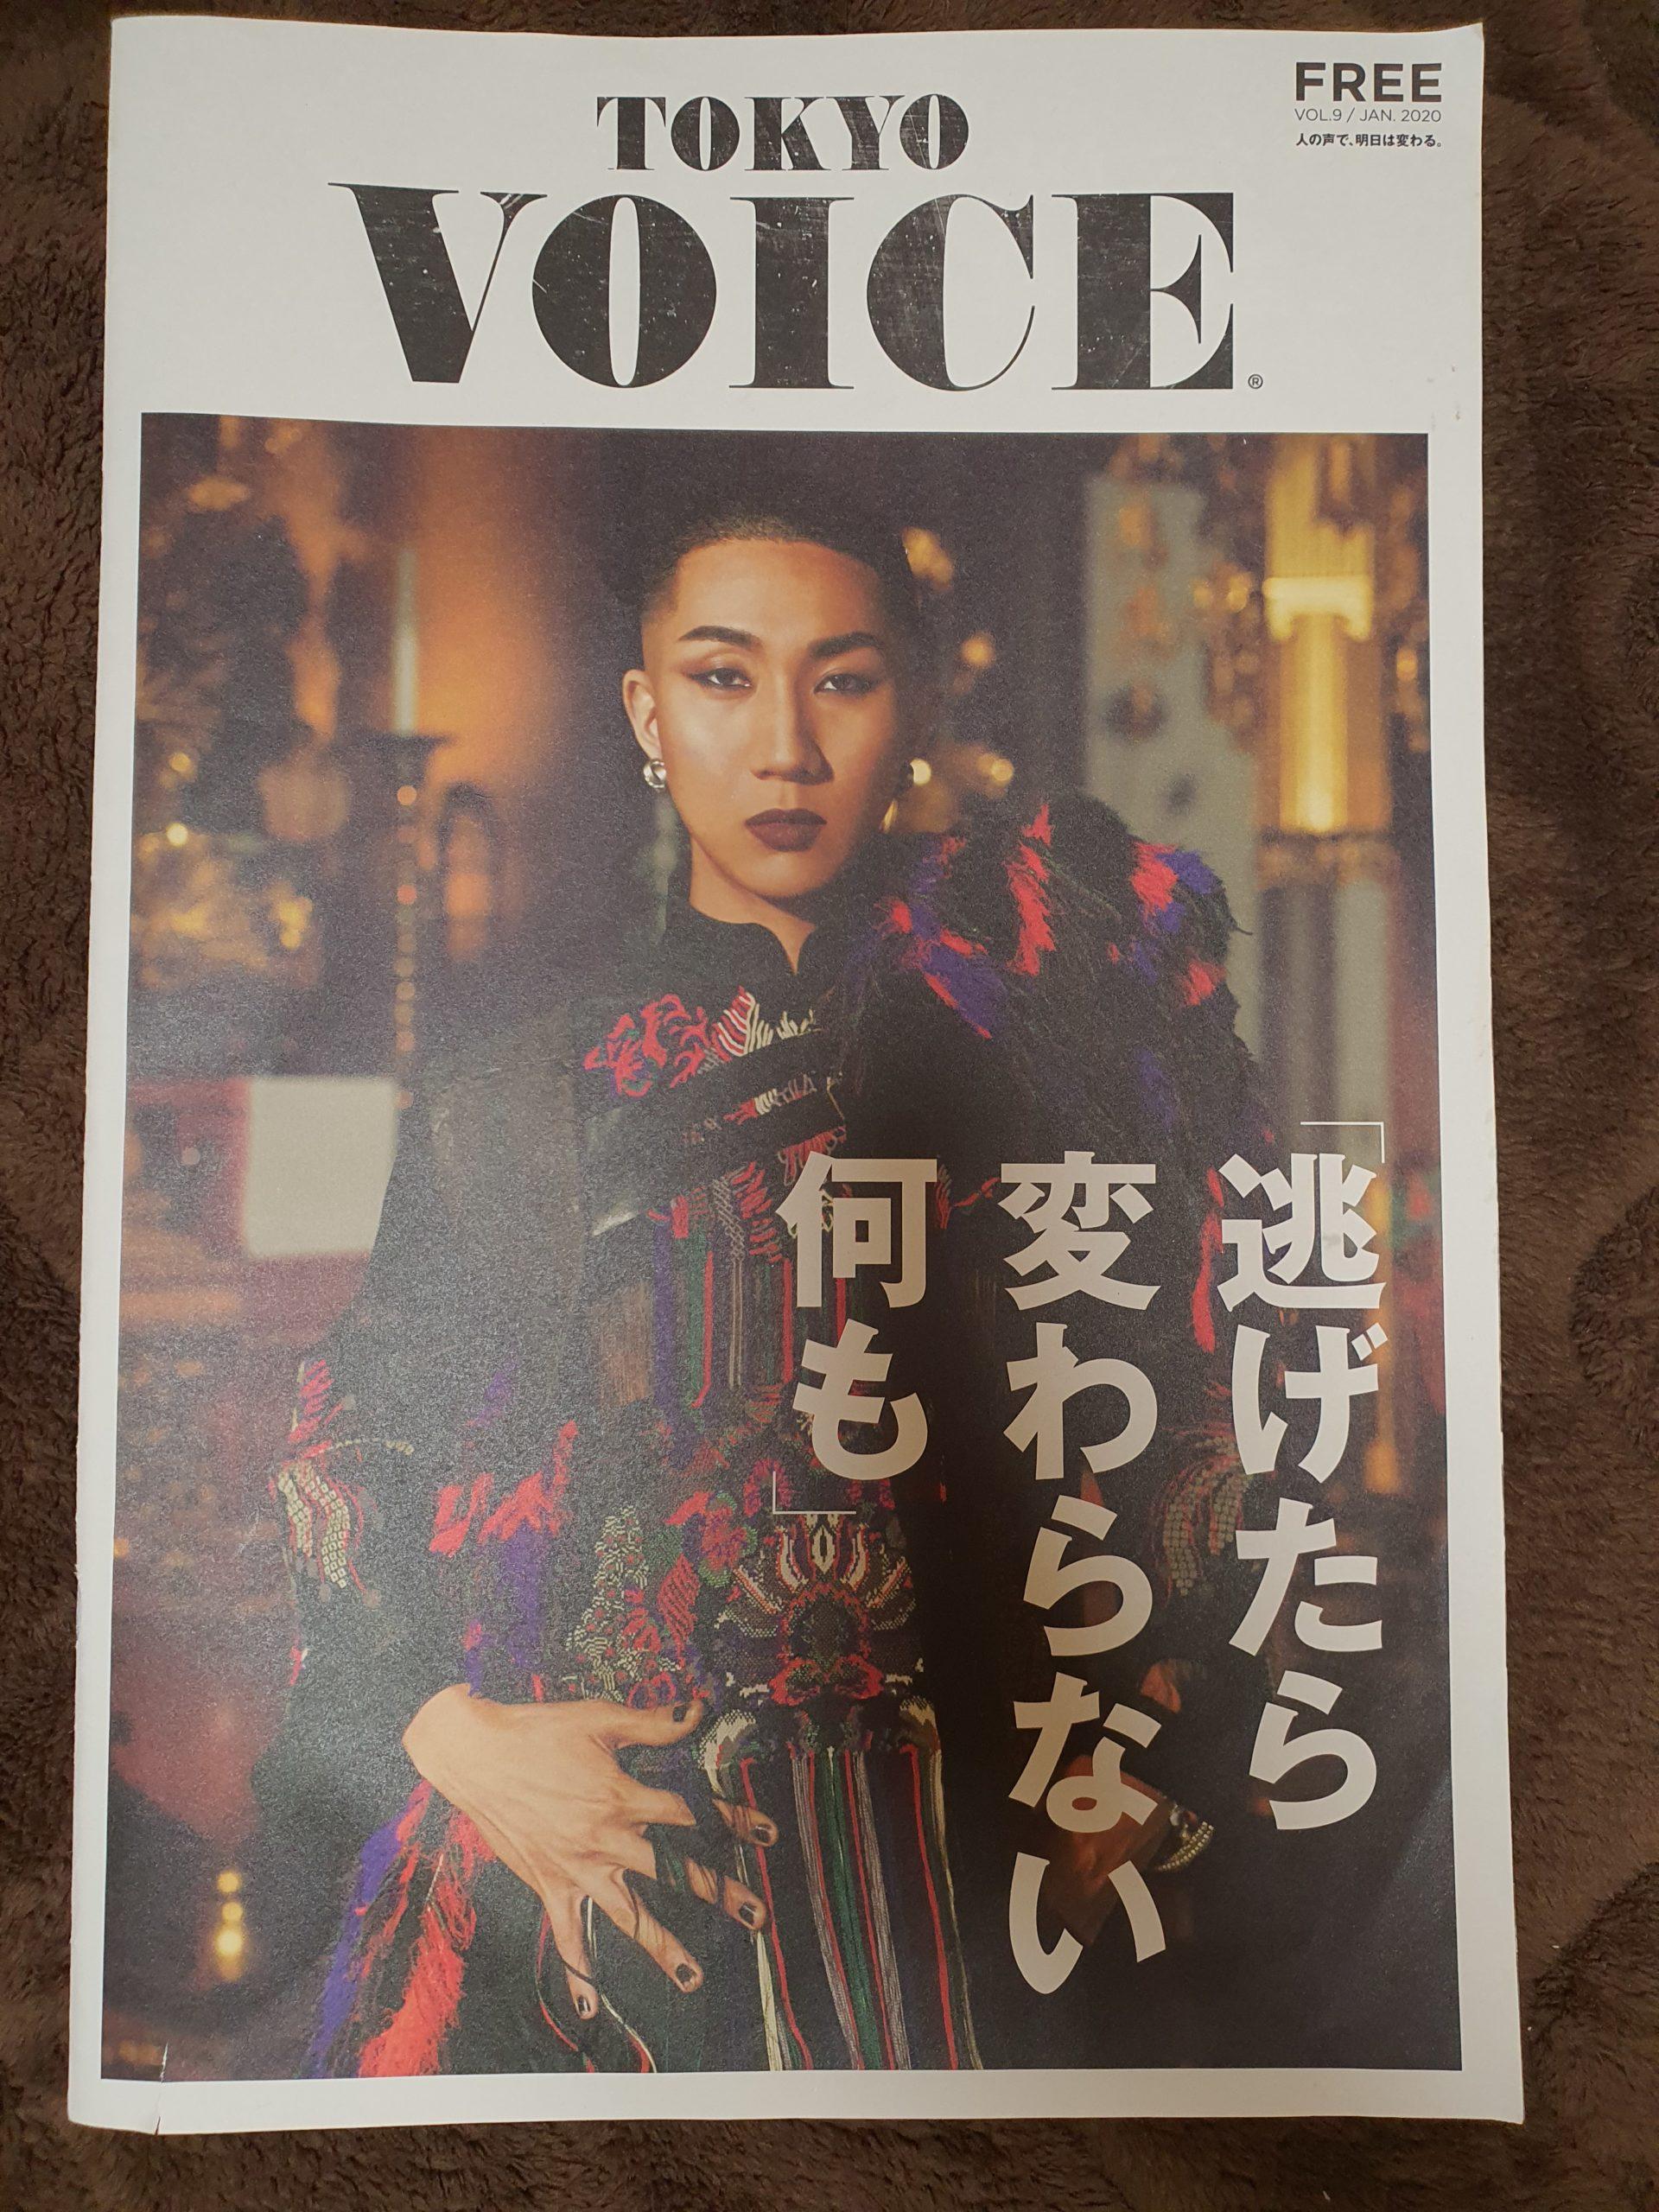 人生について考えさせられるフリーマガジン「TOKYO VOICE」